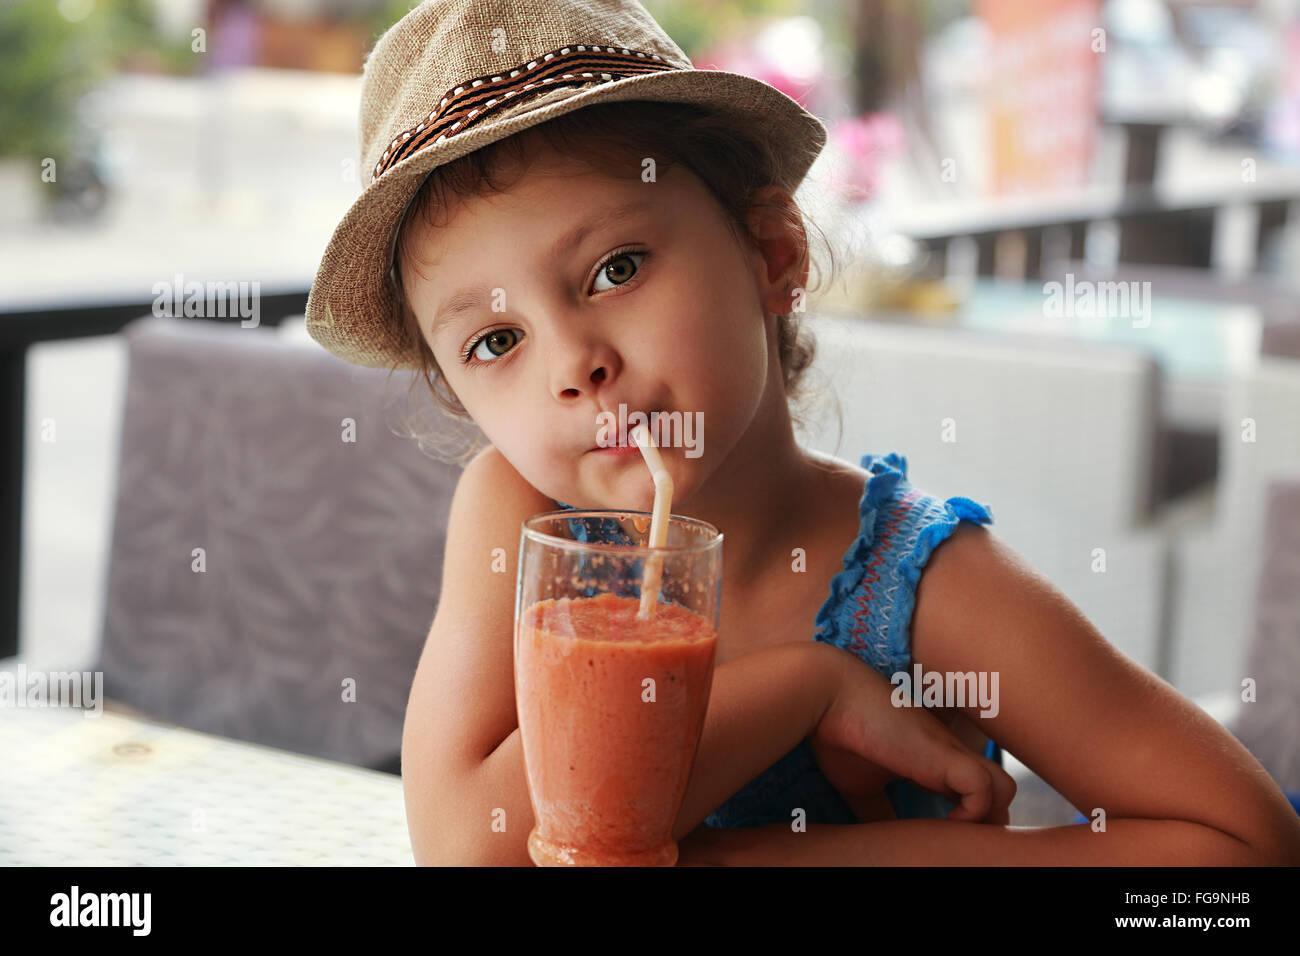 Spaß süßes Kind Mädchen in Straße Restaurant gesunde Smoothie-Saft zu trinken. Closeup Stockbild